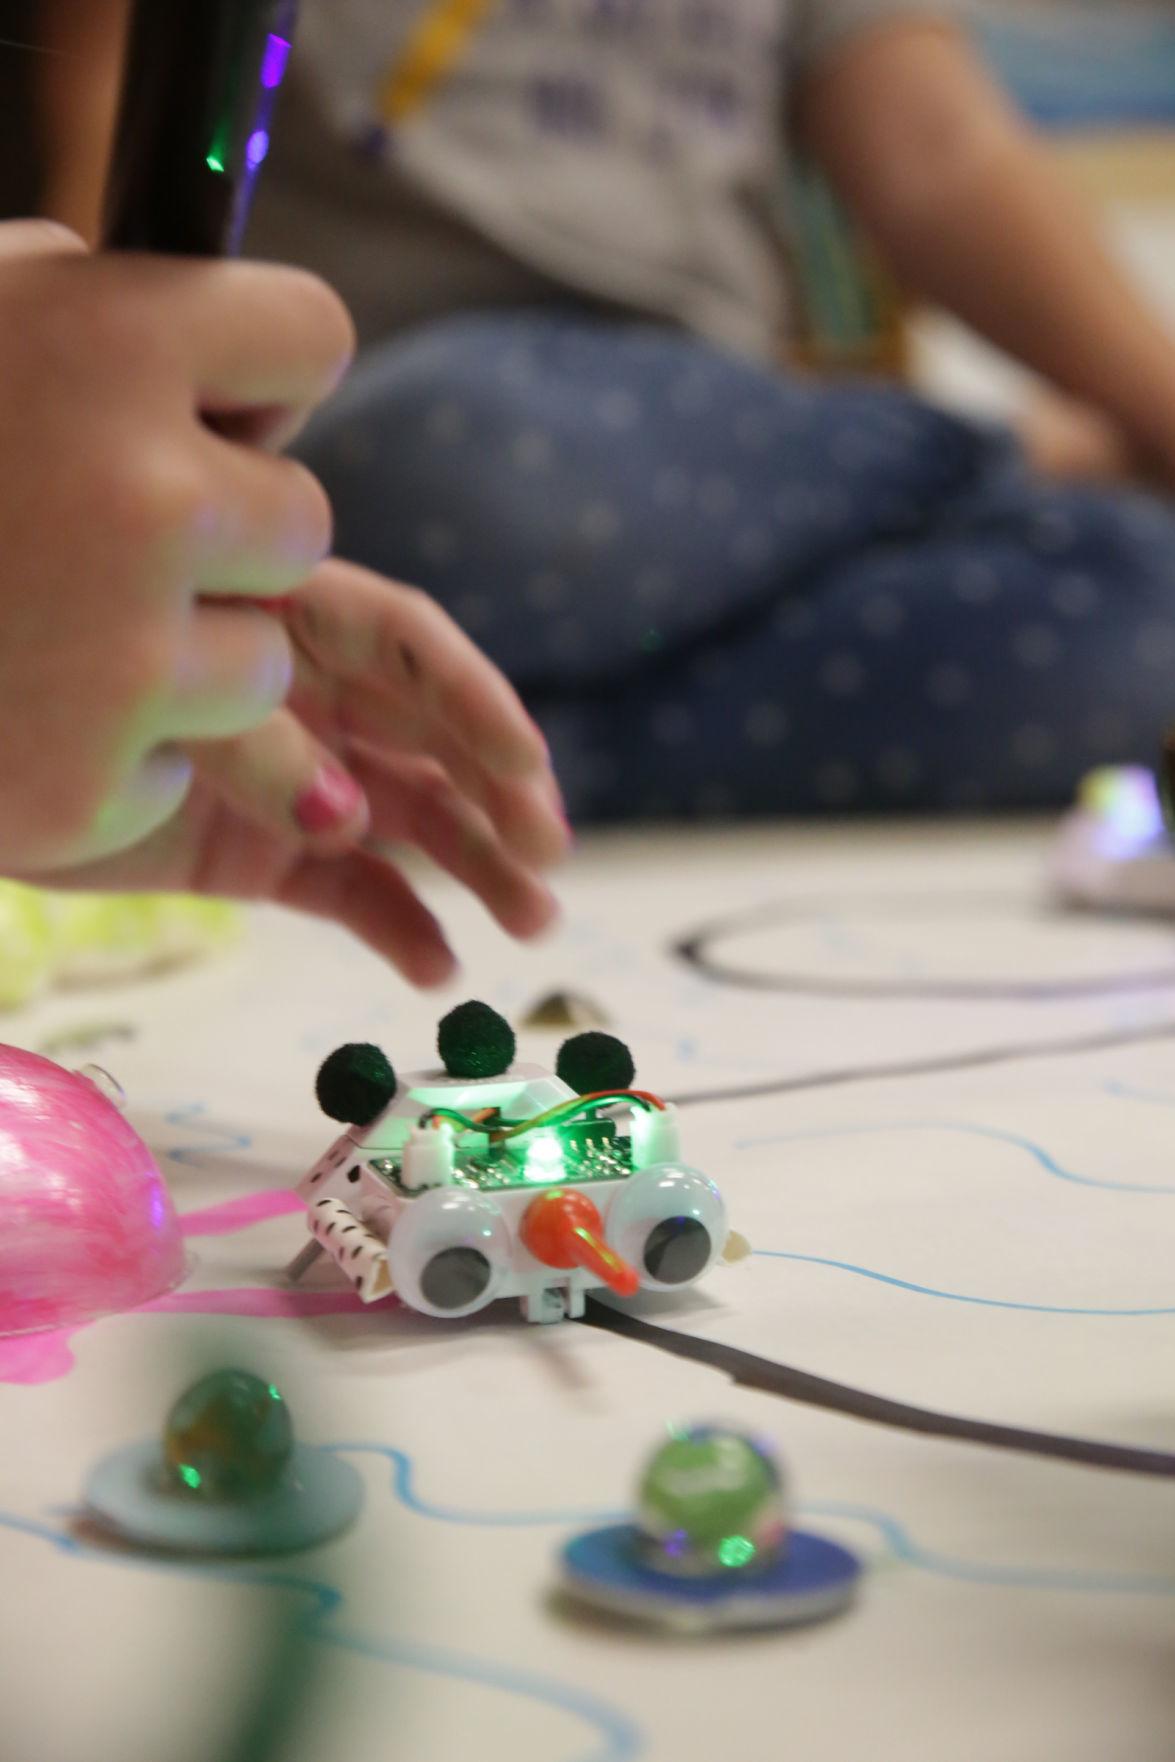 Camp Invention sparks kids' imagination